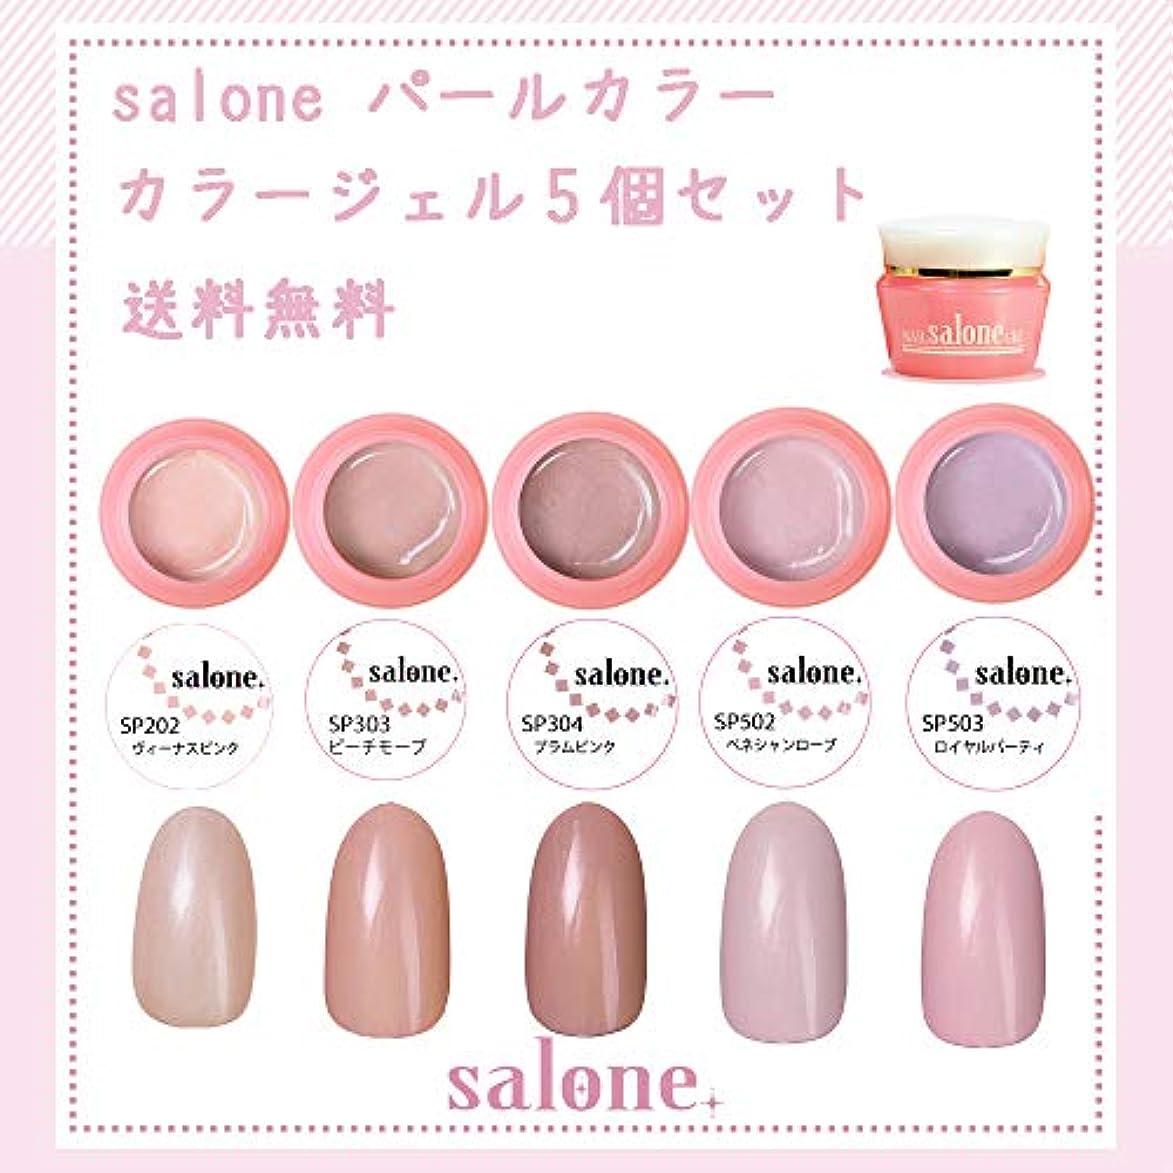 いっぱい記念刻む【送料無料 日本製】Salone パールカラー カラージェル5個セット アンニュイなパールカラー